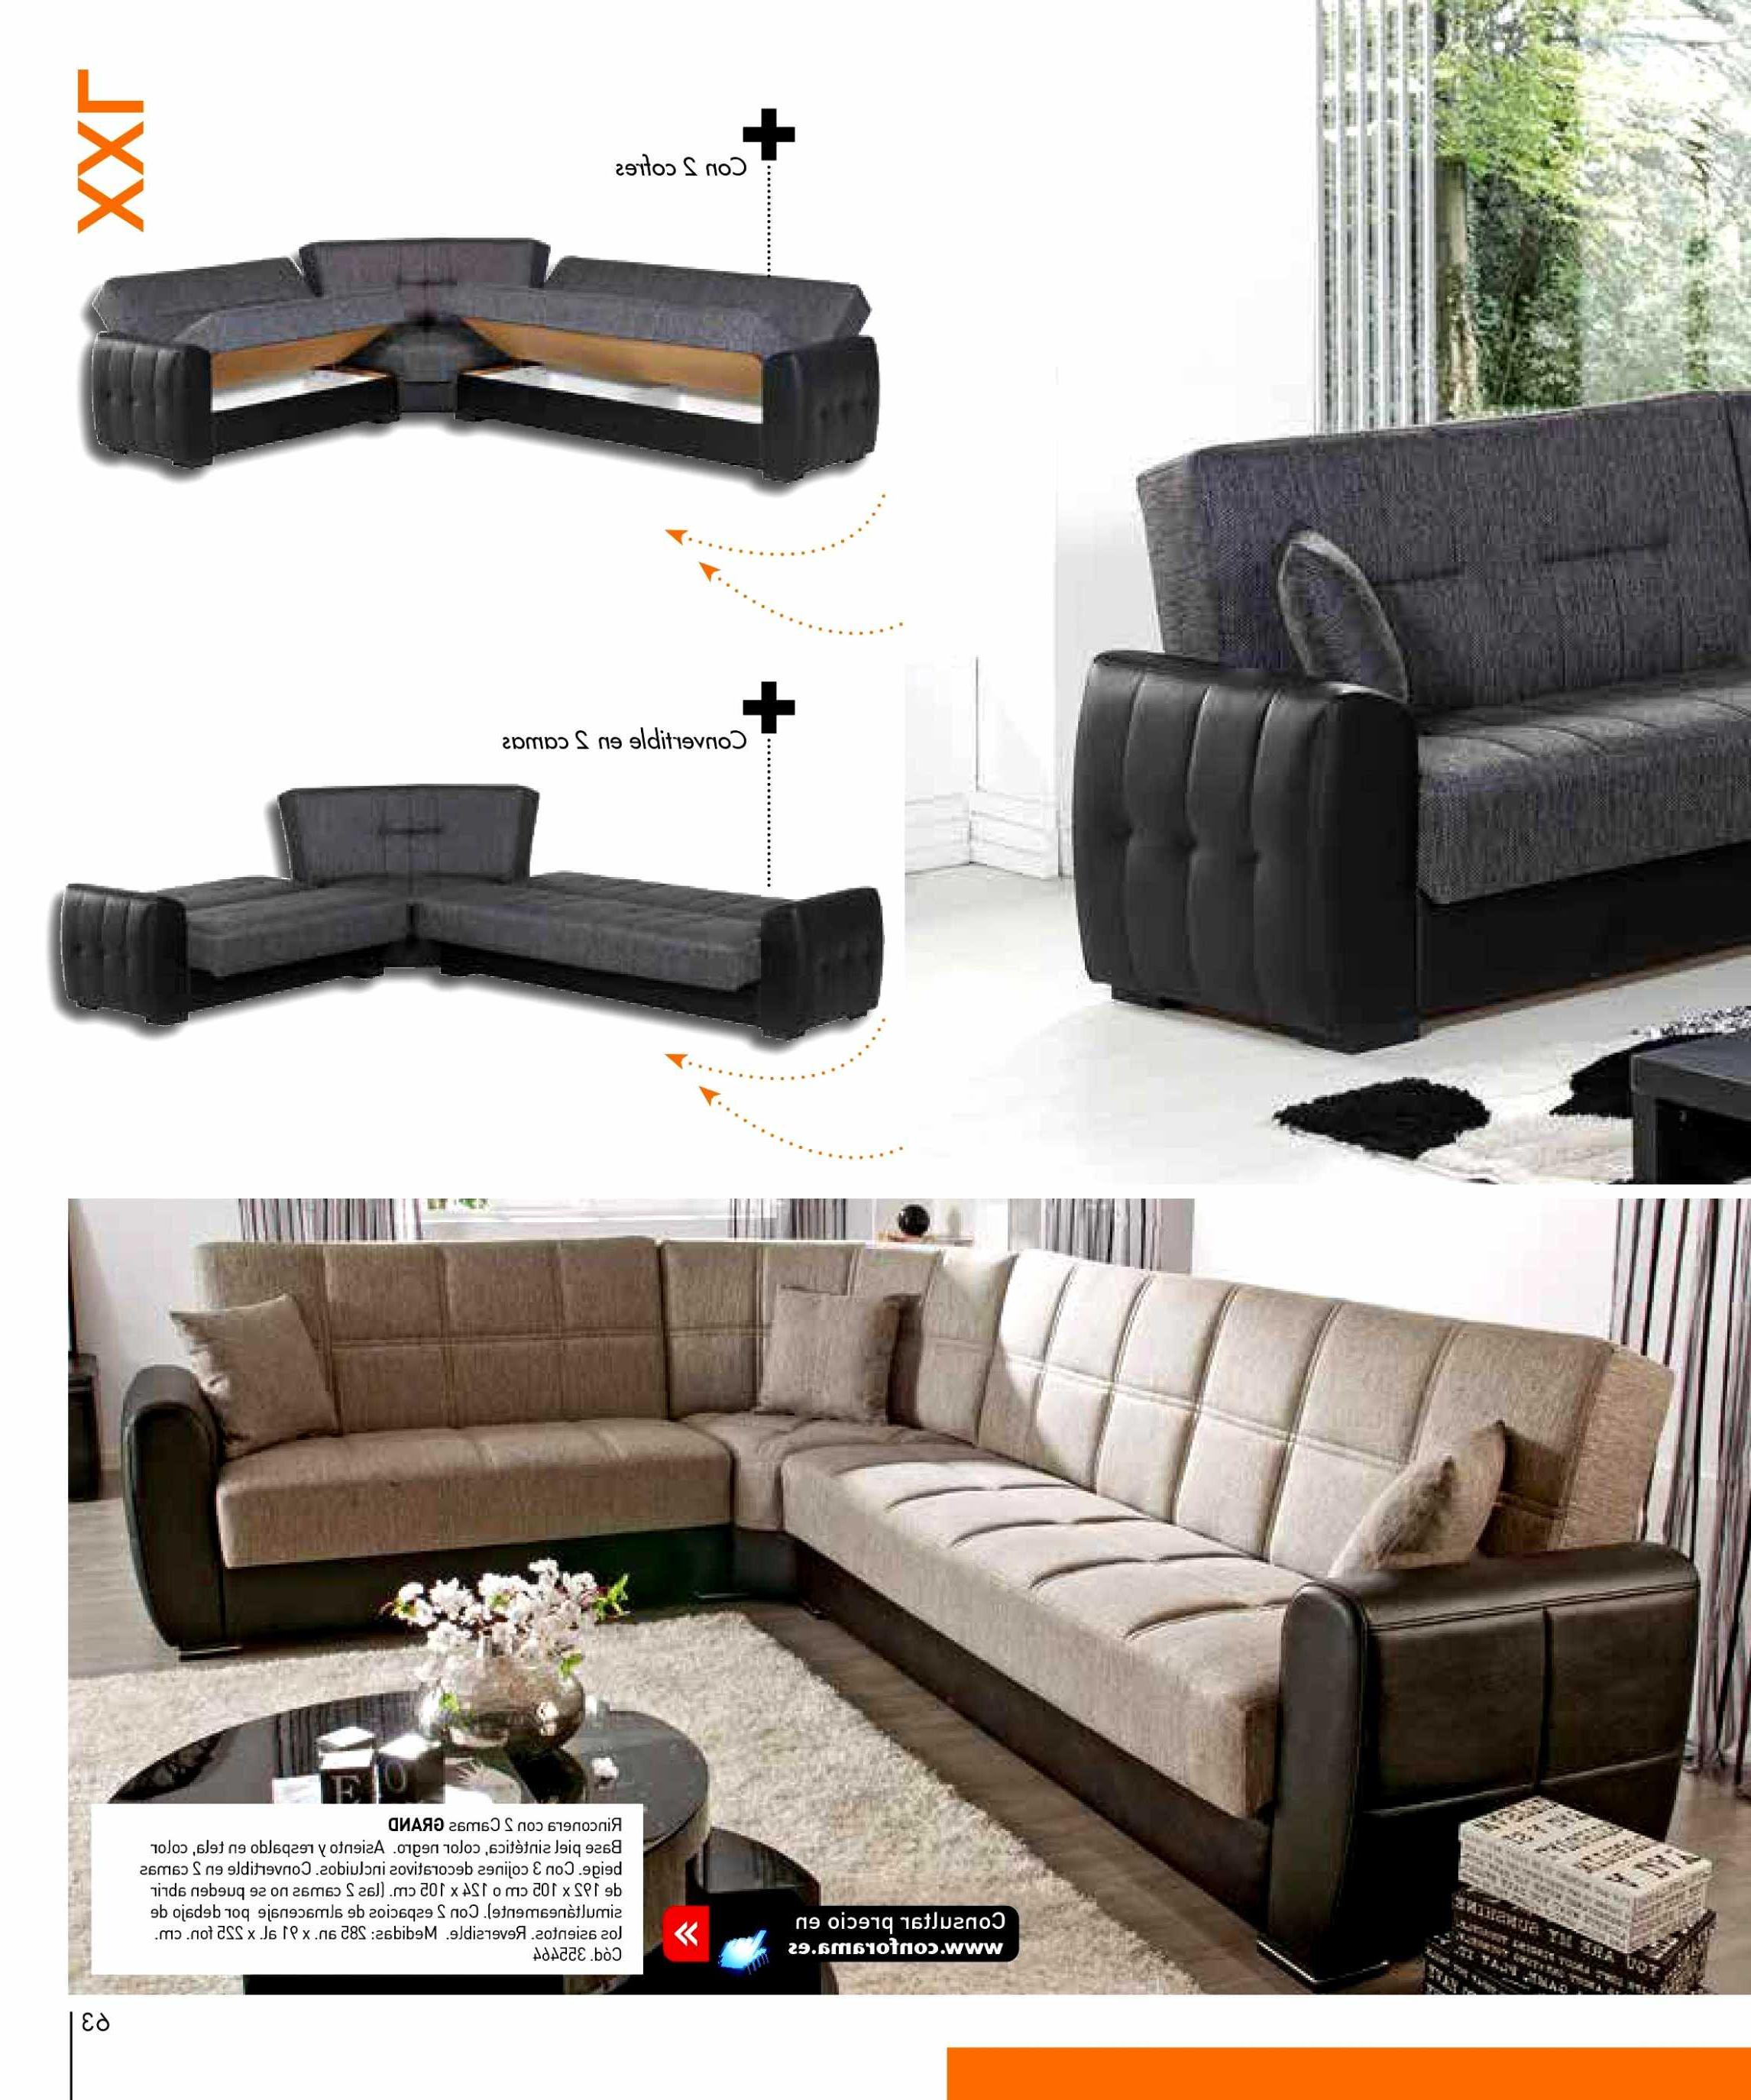 Sofas Conforama Precios Zwdg sofas Conforama Ideas Shanerucopy